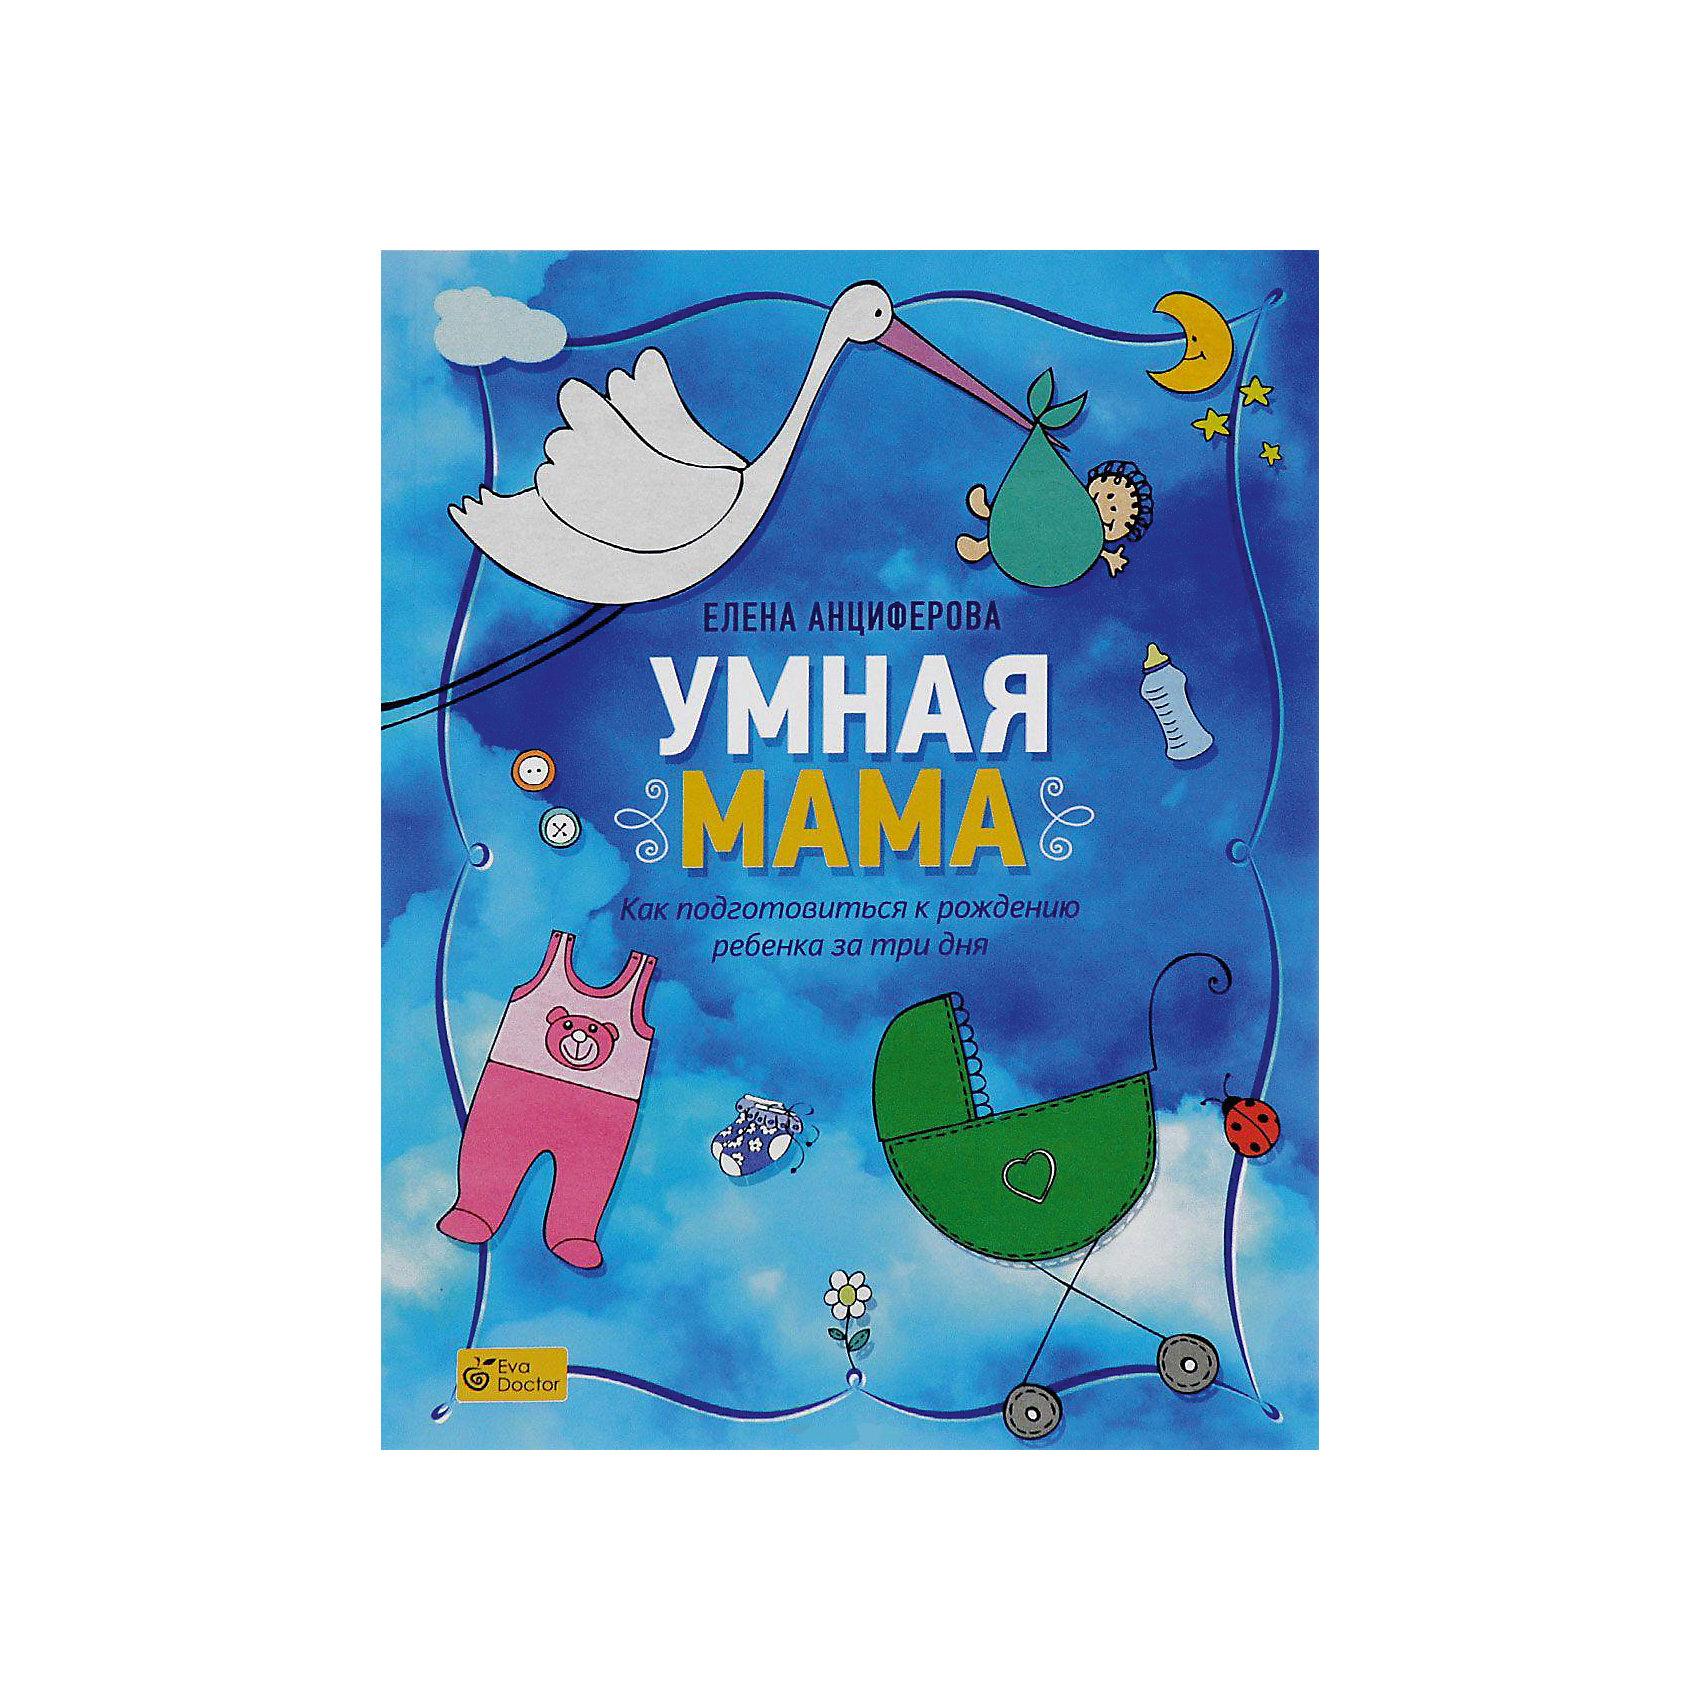 Умная мама:Как подготовиться к рождению ребенка за три дня, Е. Анциферова (Альпина)